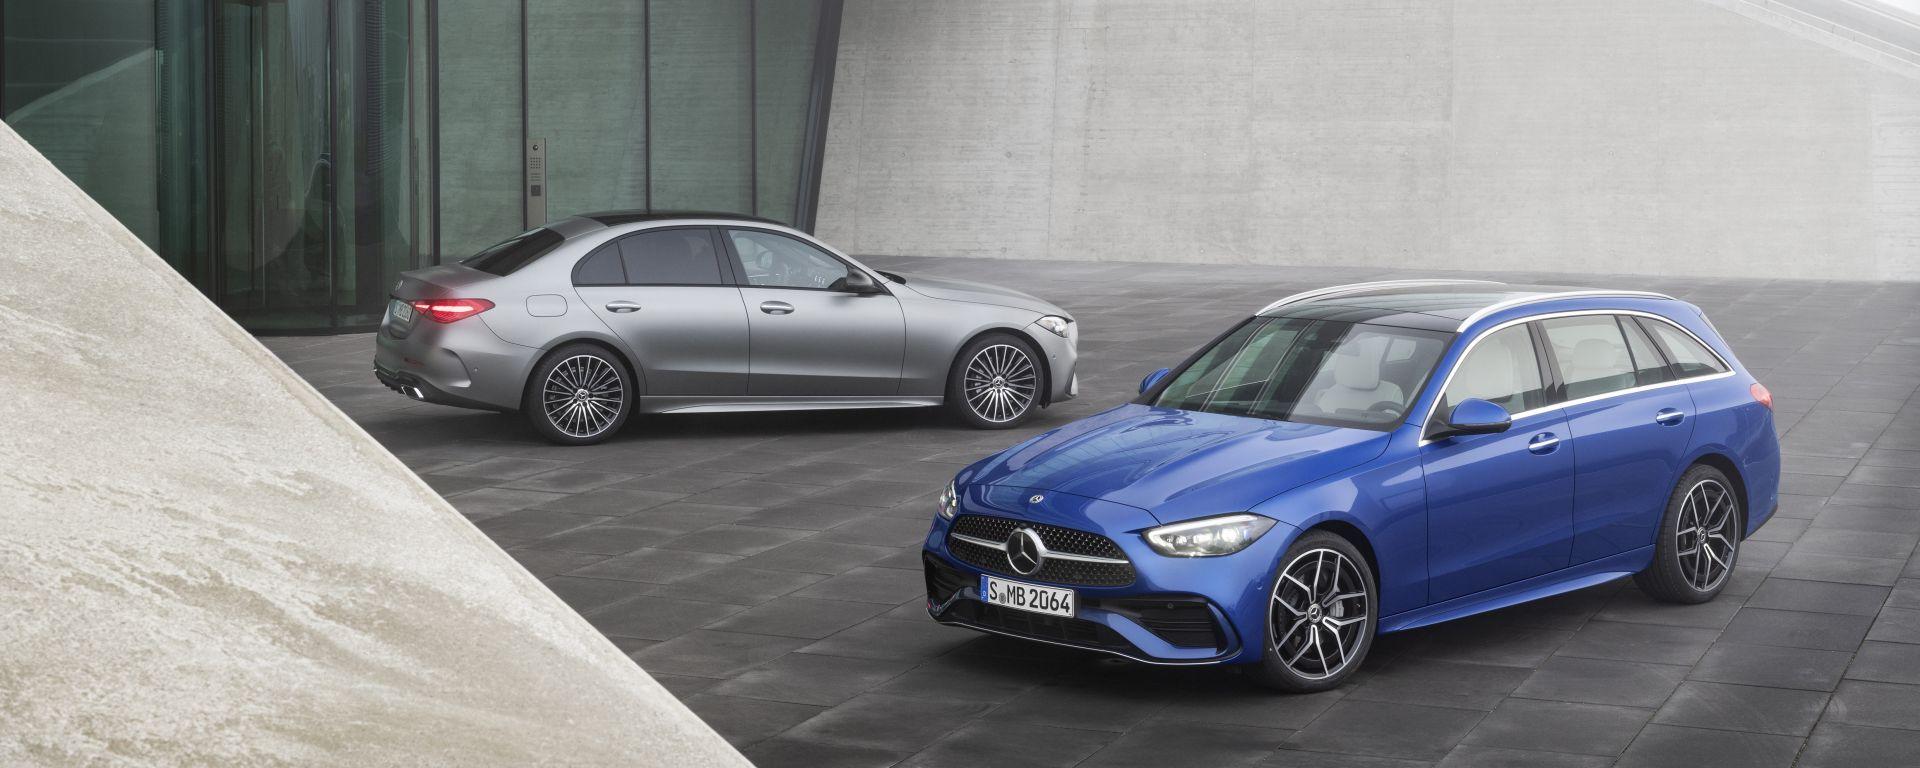 Nuova Mercedes Classe C berlina e sw: arriva la quinta generazione